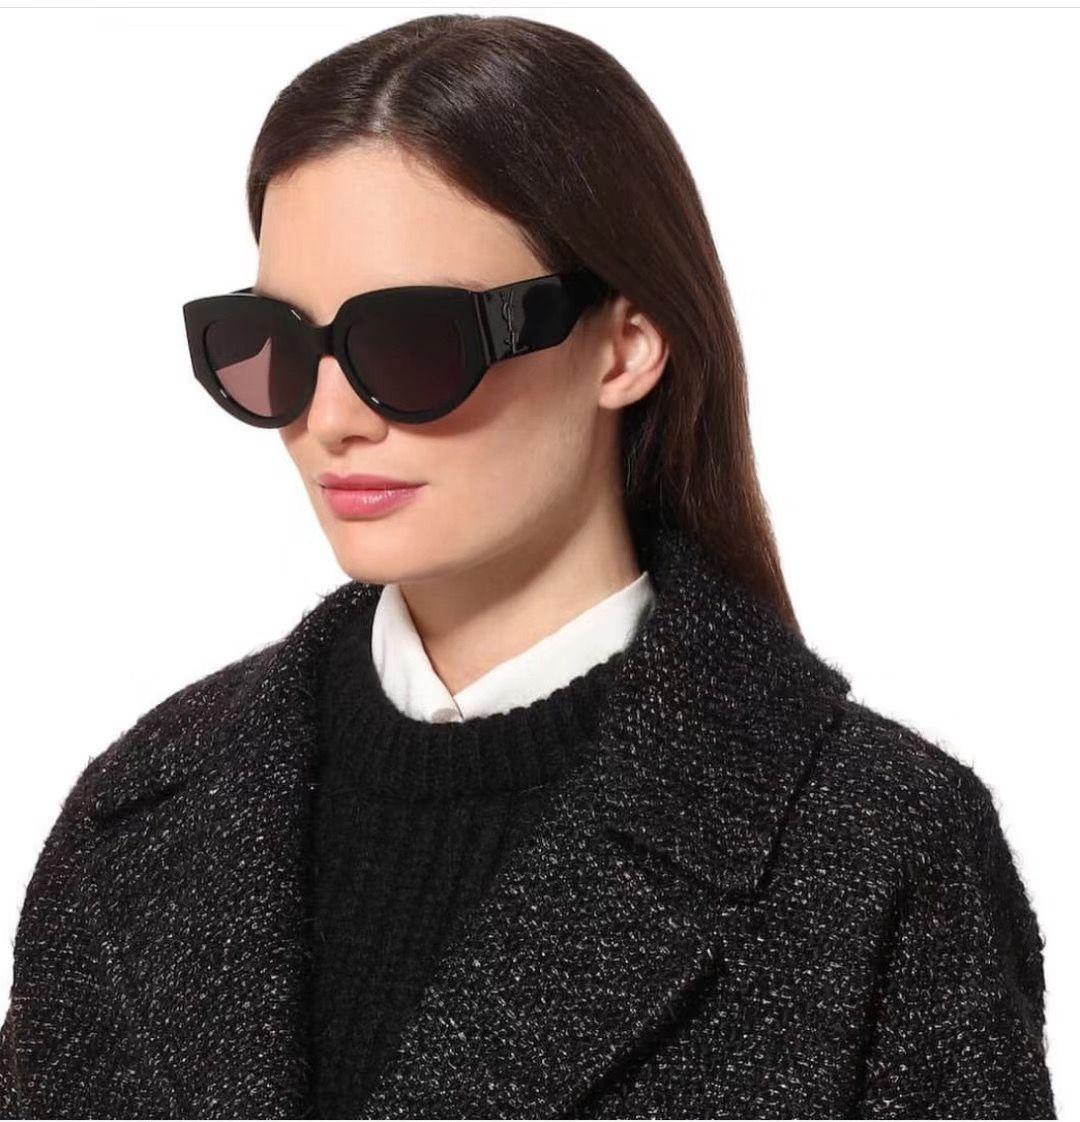 Top-Qualität Marken-Art- und Männer Frauen Oval Sonnenbrille klassische Marken-Designer-Sonnenbrille Sommer-Sonnenbrille mit ursprünglichem Kasten